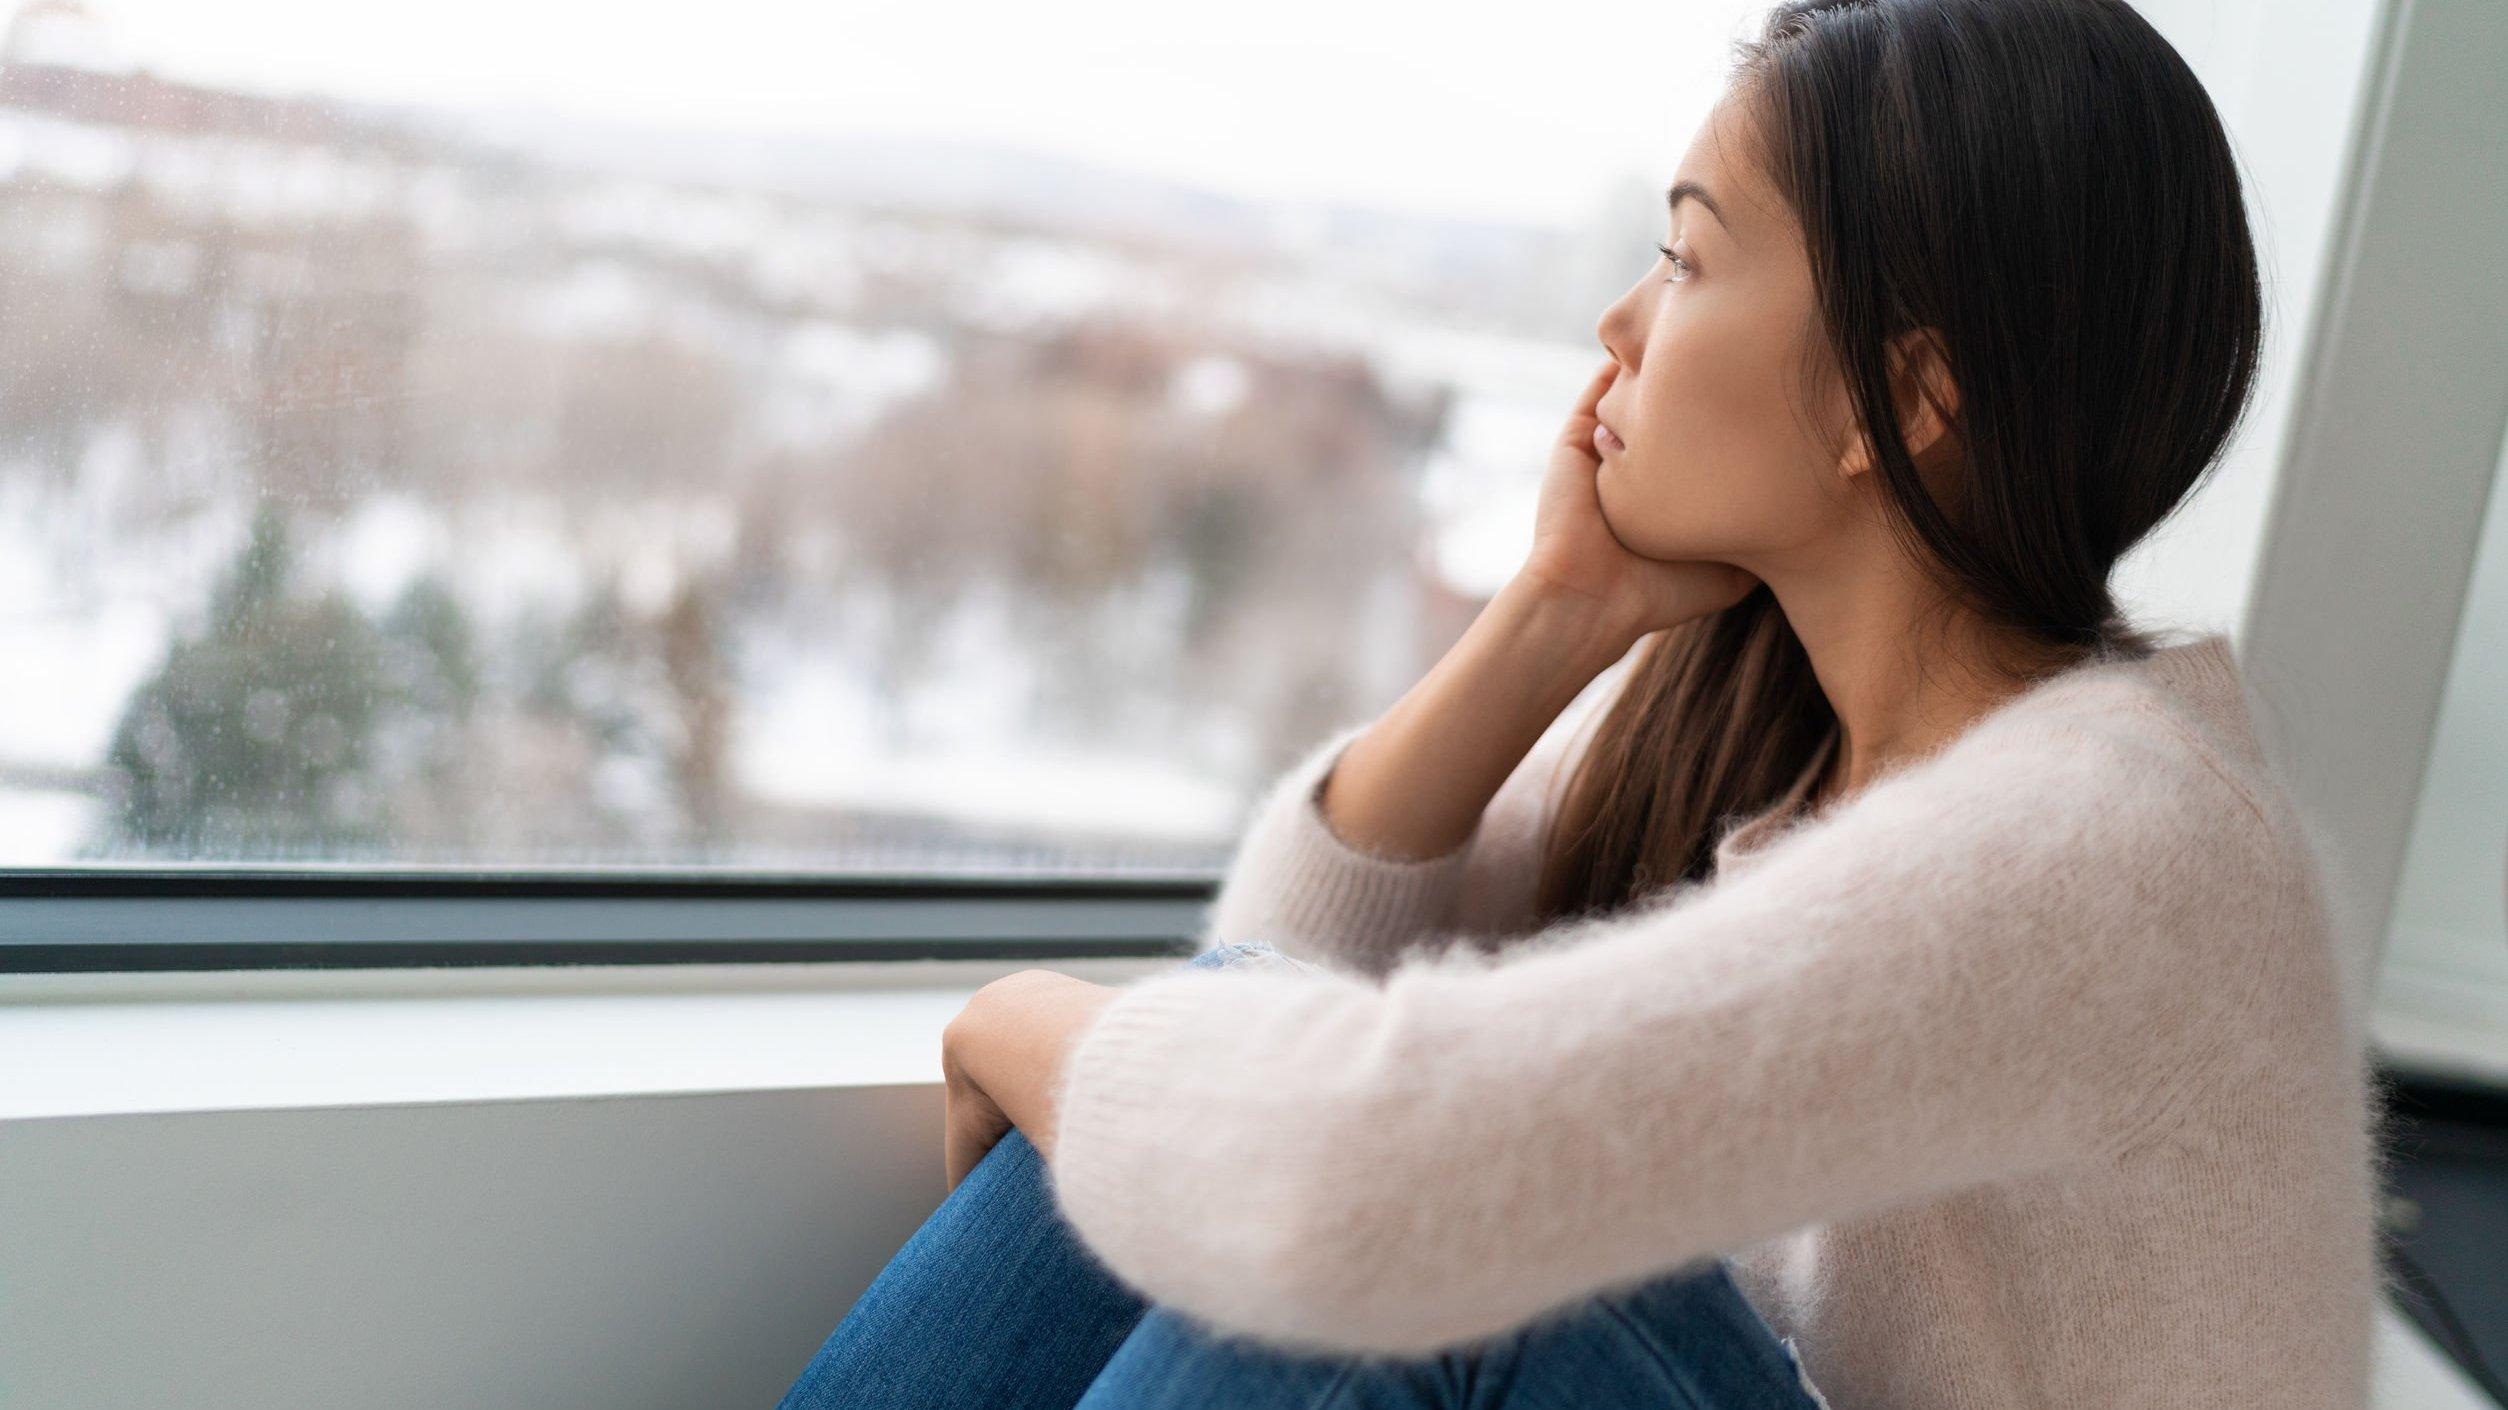 Mulher olhando para a janela triste